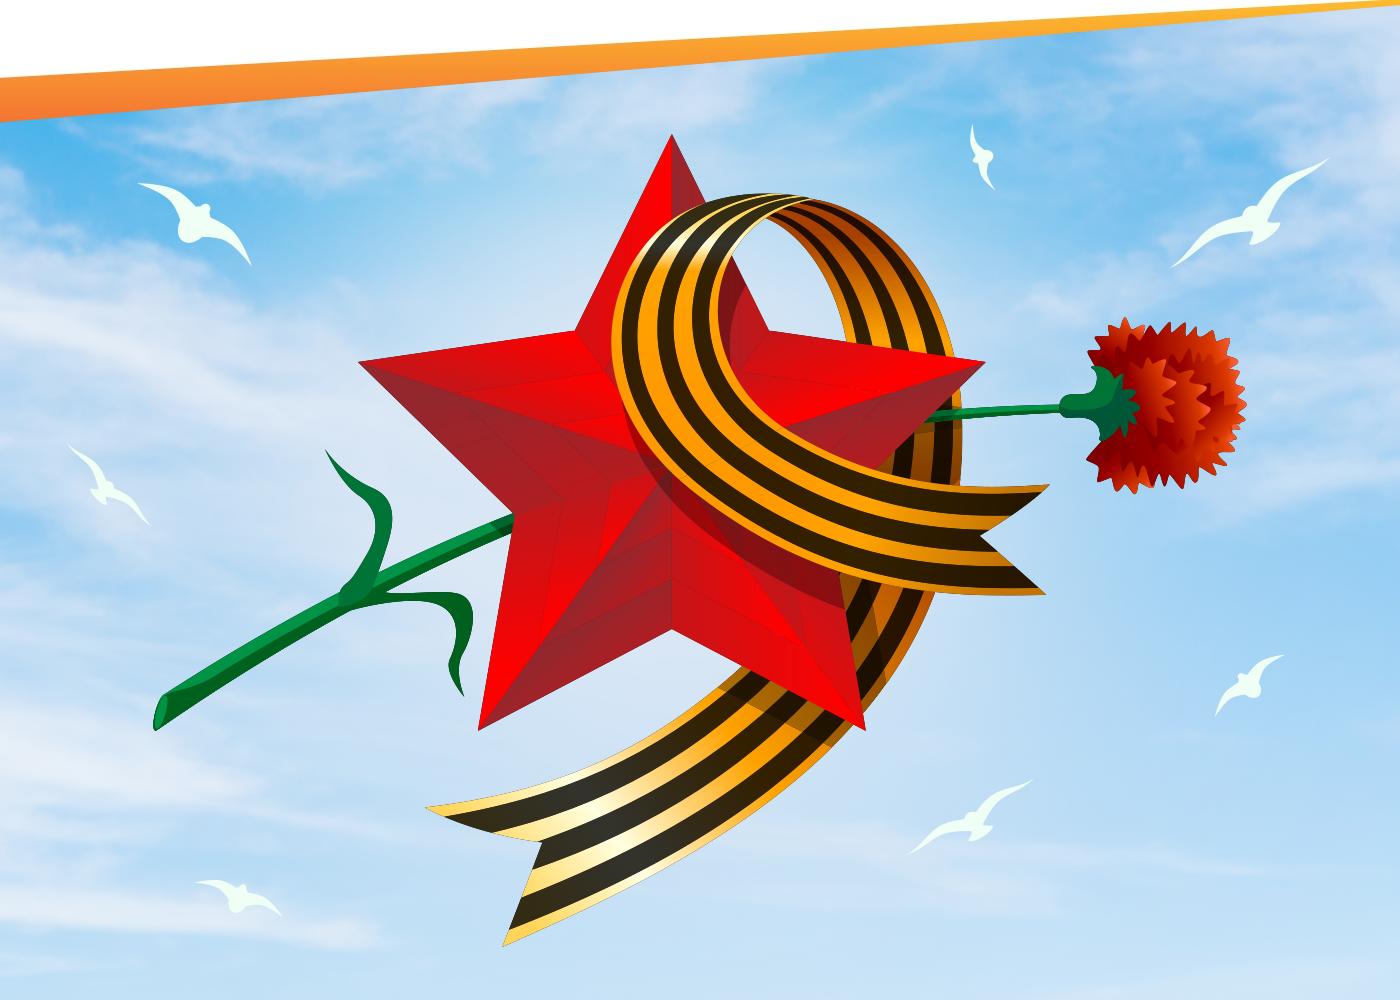 «Кострома-Лада-Сервис» поздравляет с праздниками и информирует о графике работы в нерабочие майские дни